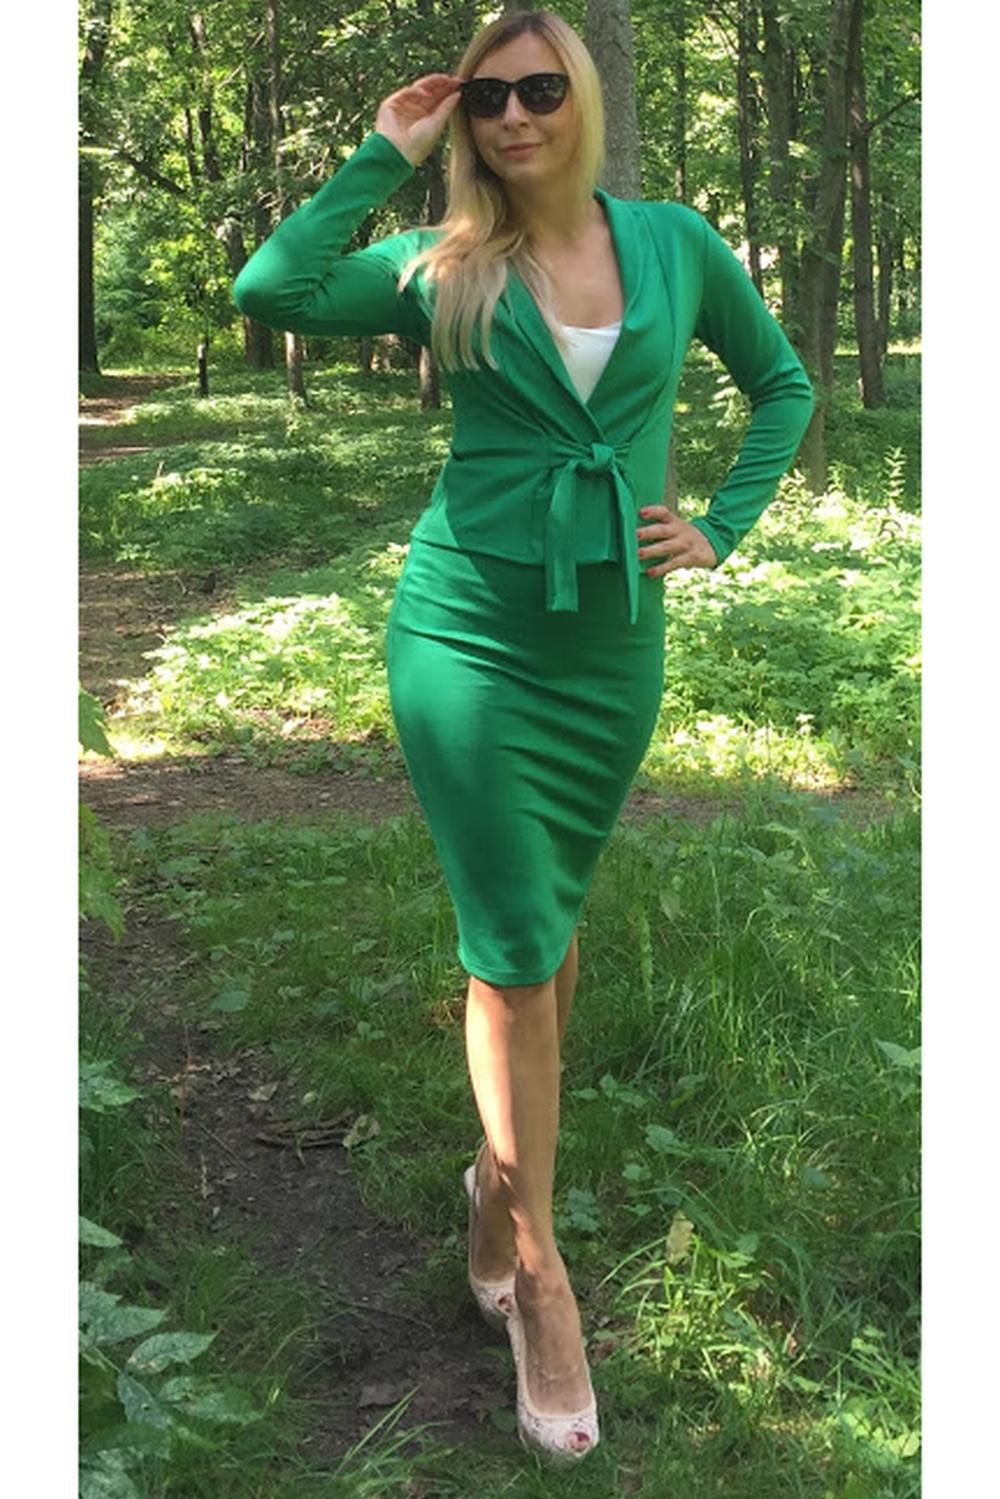 ЮбкаЮбки<br>Элегантная юбка-карандаш на каждый день из плотного джерси, пояс с резинкой. Модель выглядит эффектно и позволяет создавать интересные образы, в зависимости от настроения, а также вытягивает силуэт и стройнит её обладательницу.  Длина юбки от 61 см до 64 см, в зависимости от размера изделия.  Цвет: зеленый  Рост девушки-фотомодели 175 см<br><br>По длине: До колена<br>По материалу: Трикотаж<br>По образу: Город,Офис,Свидание<br>По рисунку: Однотонные<br>По силуэту: Обтягивающие<br>По стилю: Классический стиль,Офисный стиль,Повседневный стиль<br>По форме: Юбка-карандаш<br>По сезону: Осень,Весна<br>Размер : 44<br>Материал: Трикотаж<br>Количество в наличии: 1